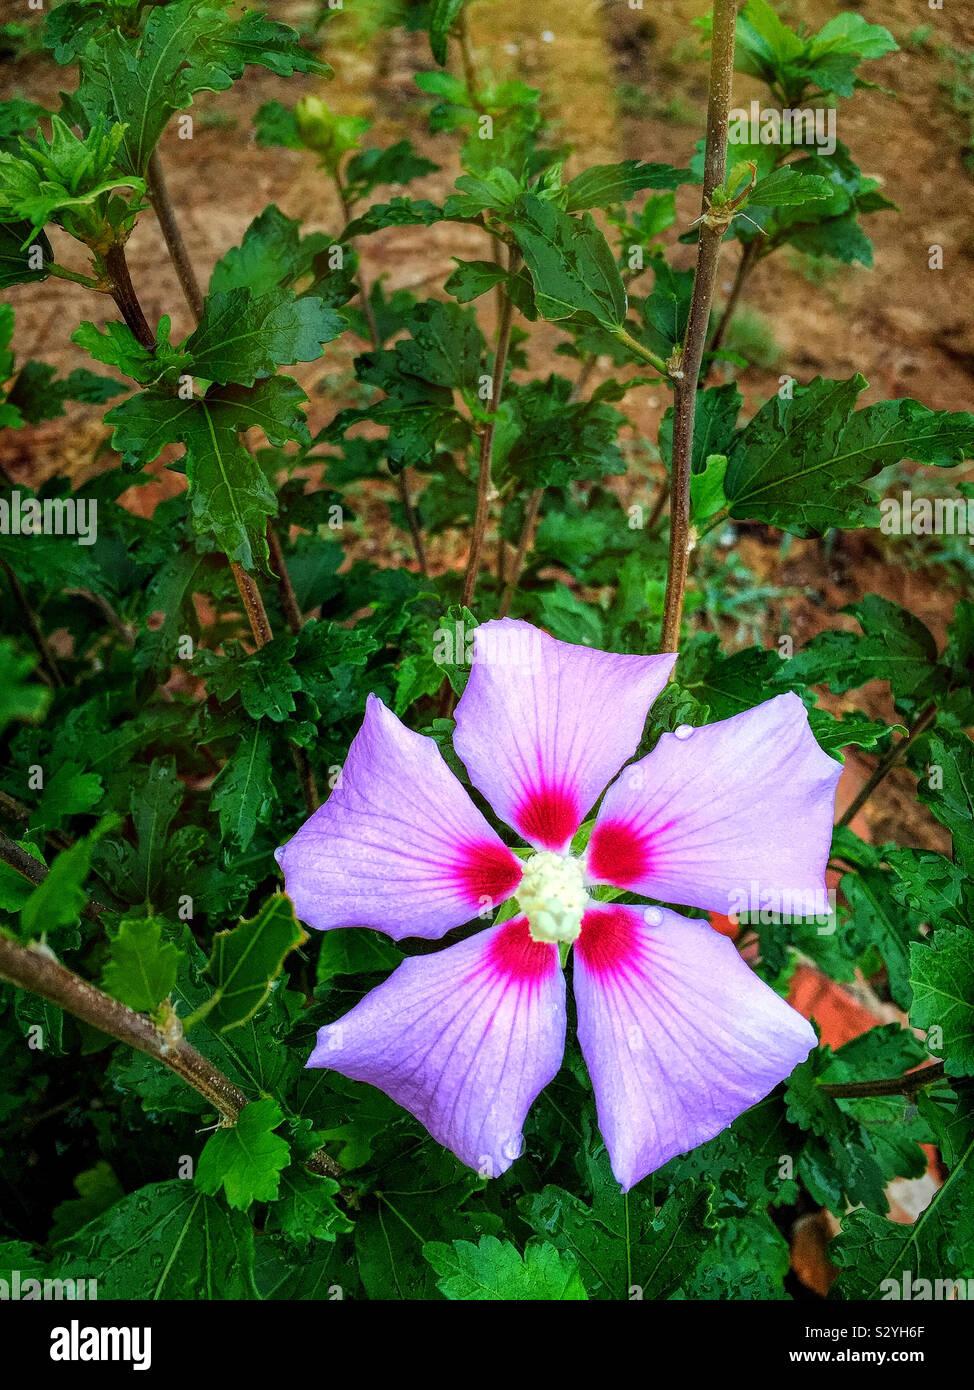 Uno viola colore rosa di Sharon sbocciare dei fiori in piena fioritura. Questo impianto non è una rosa ma è nella famiglia di hibiscus. Foto Stock